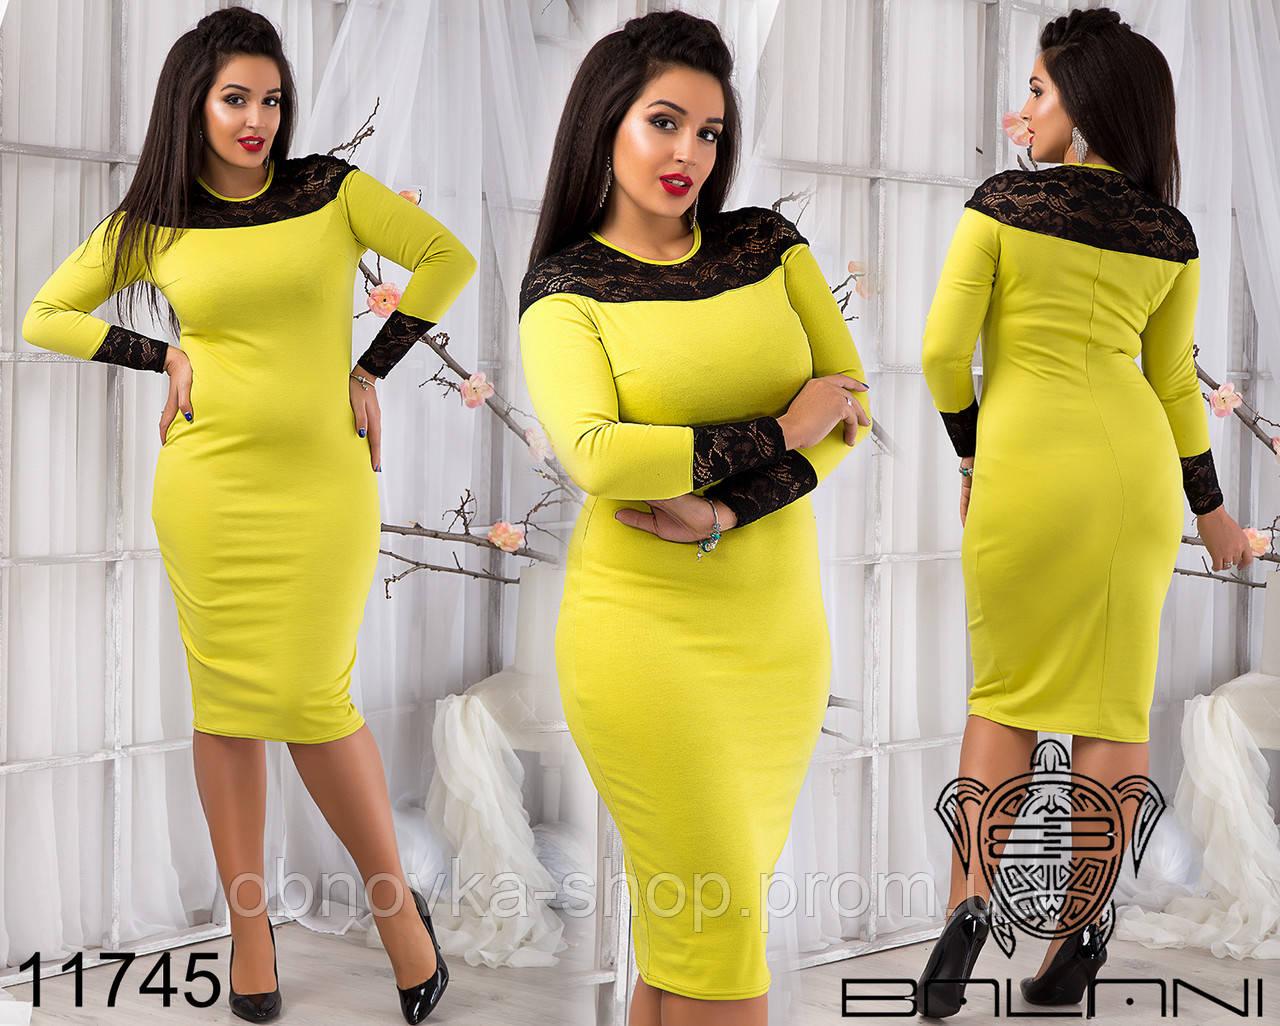 a08346c3297 Женские платья больших размеров 48-54 11745 3 цвета - Интернет-магазин  одежды и